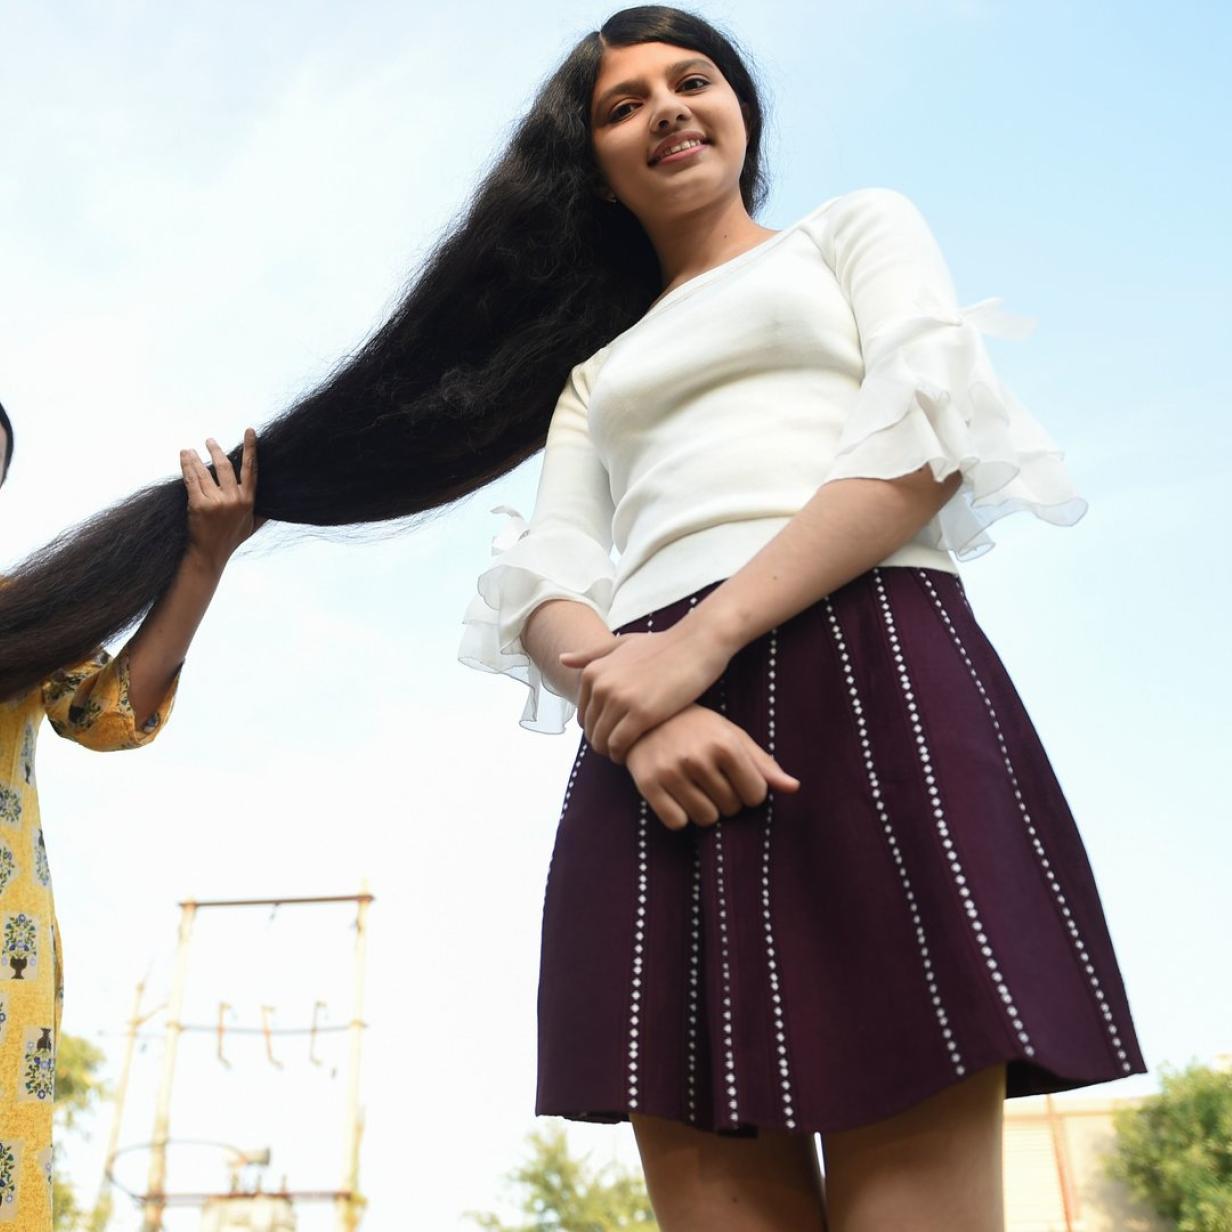 """1,90 Meter: Inderin ist """"Teenager mit längsten Haaren der Welt"""""""